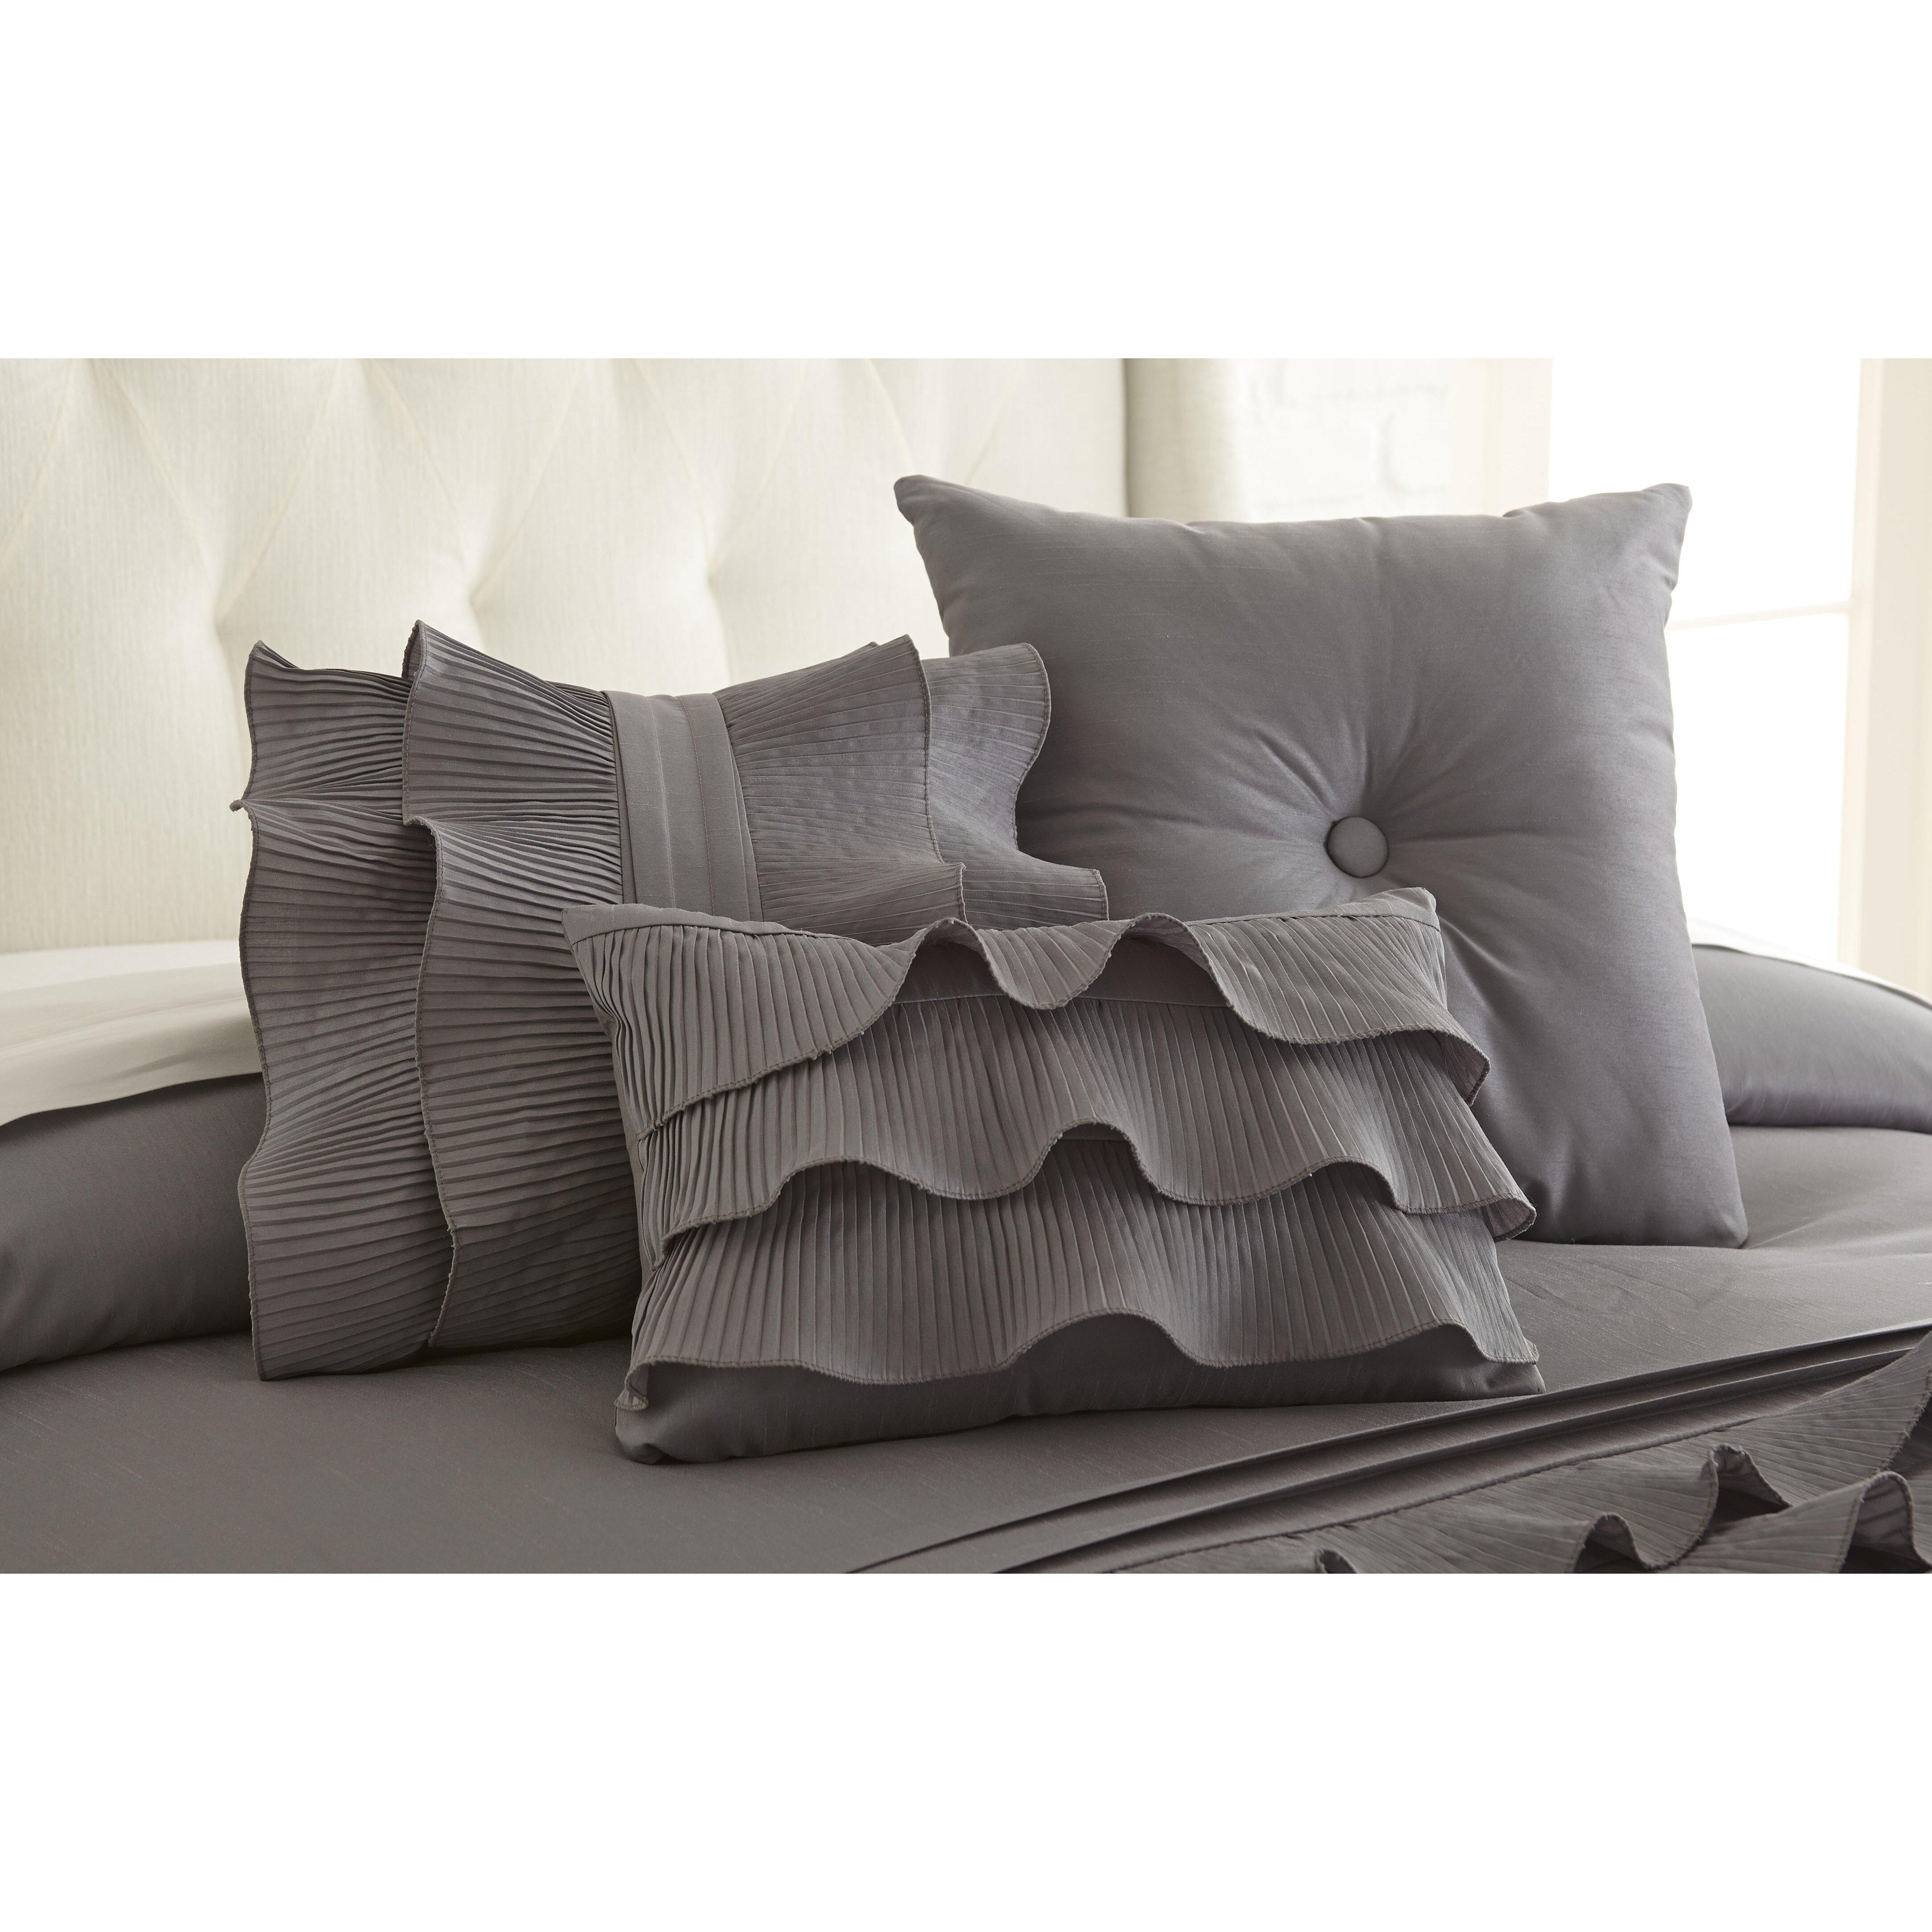 Decorative Pillow Sets : Amrapur Mandalay Bay 3 Piece Decorative Cotton Breakfast and Throw Pillow Set & Reviews Wayfair